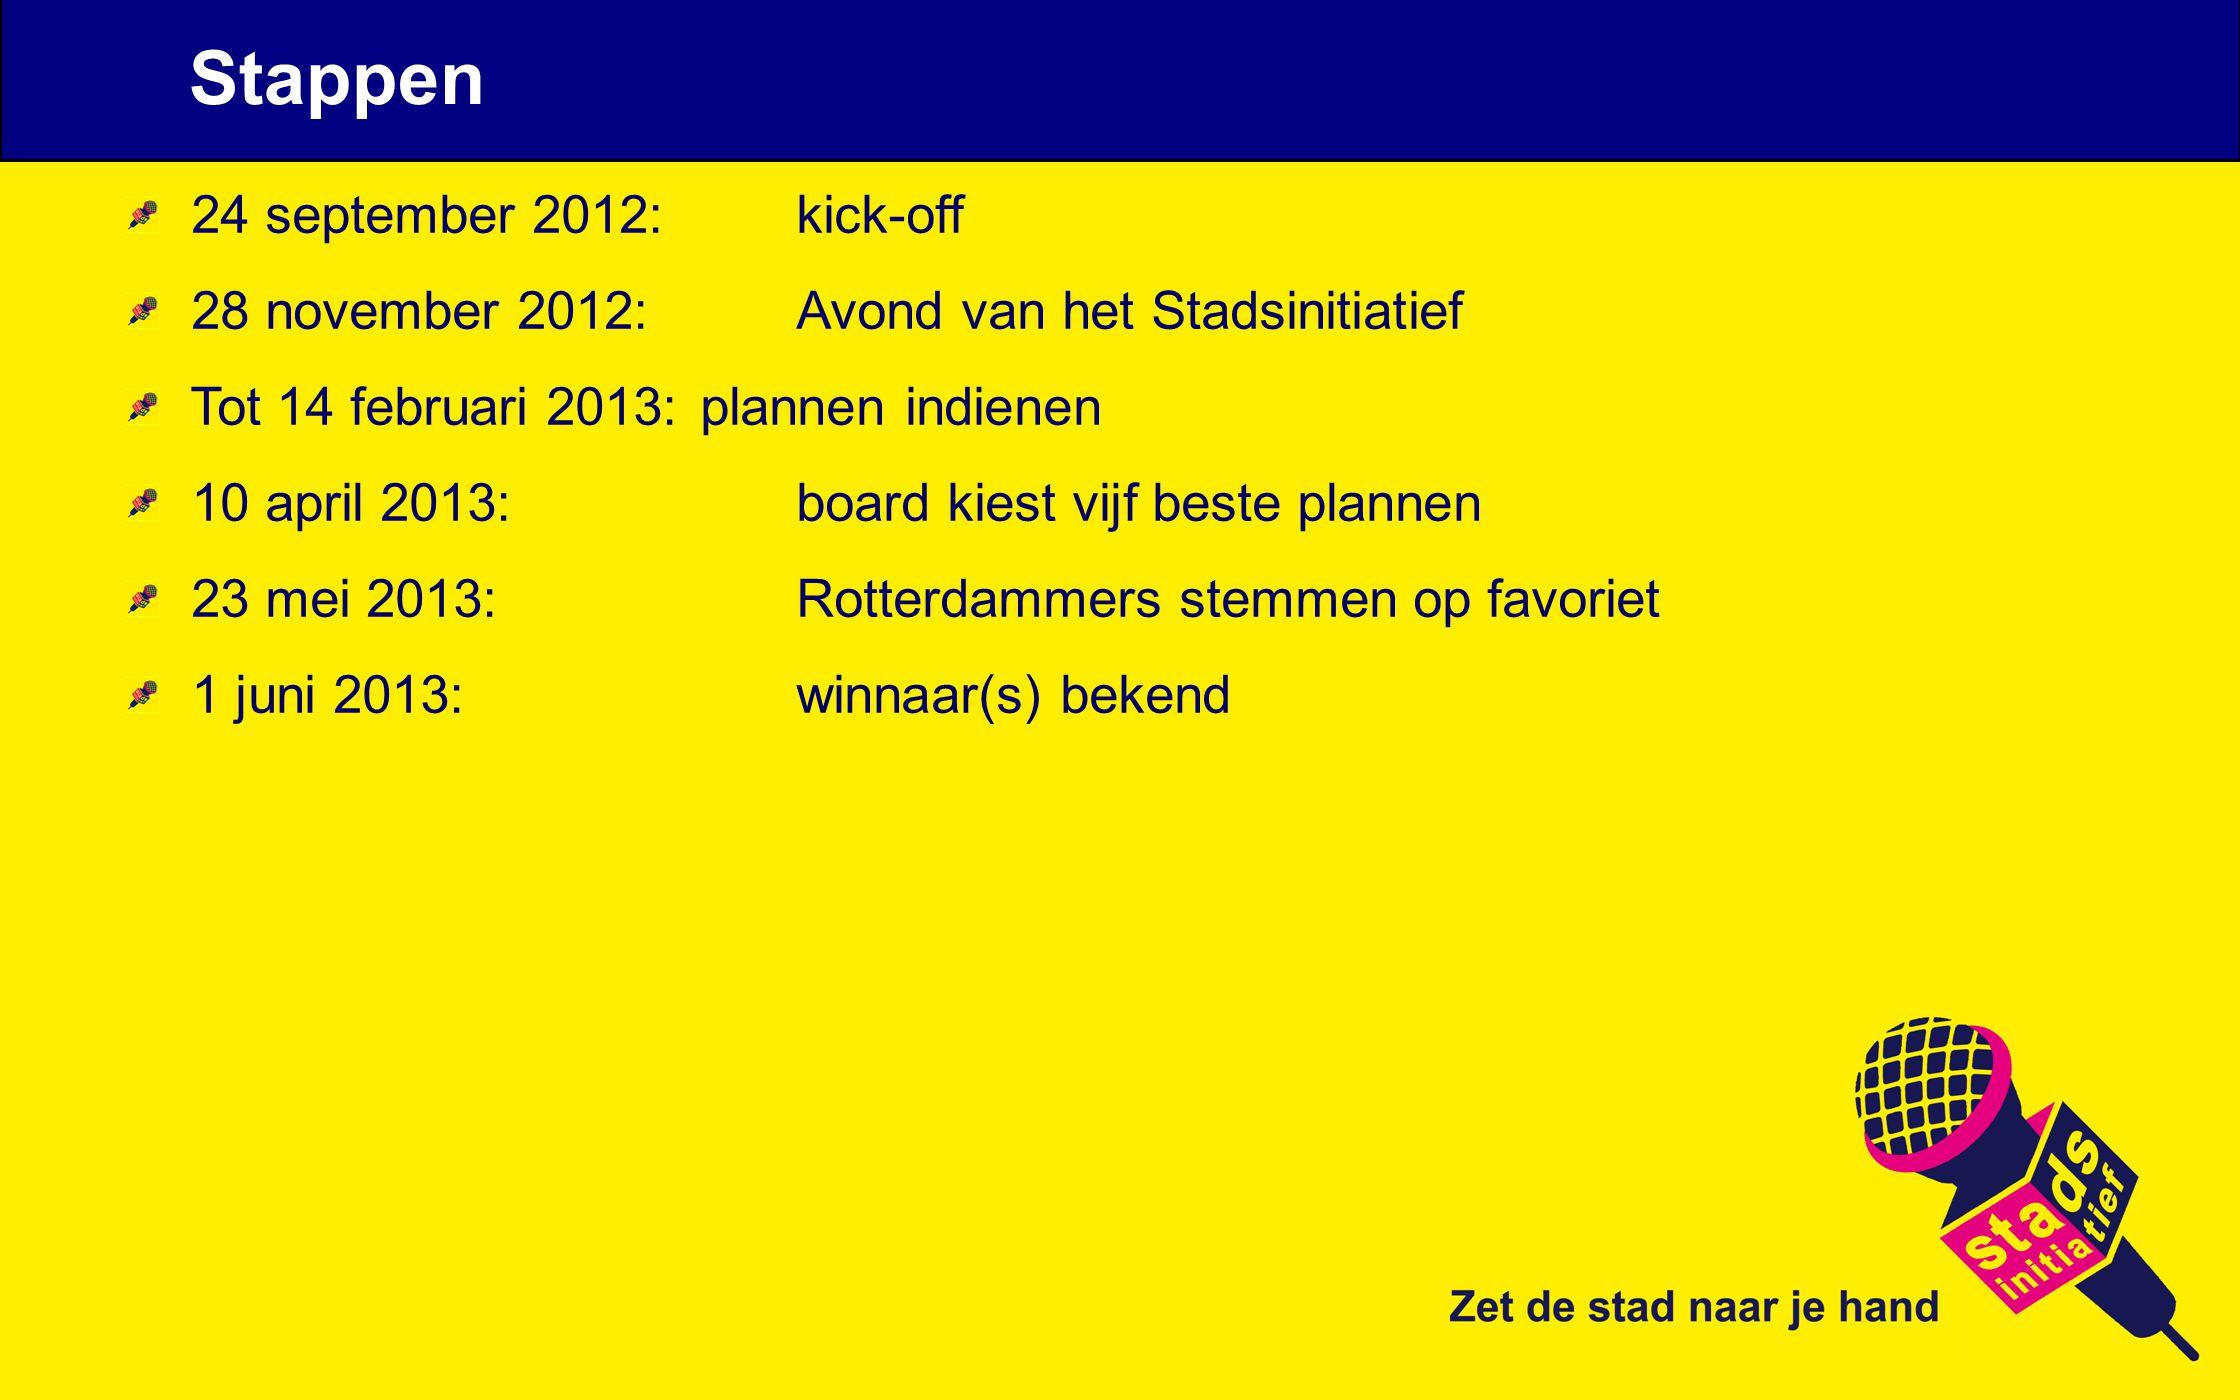 24 september 2012: kick-off 28 november 2012: Avond van het Stadsinitiatief Tot 14 februari 2013: plannen indienen 10 april 2013: board kiest vijf bes